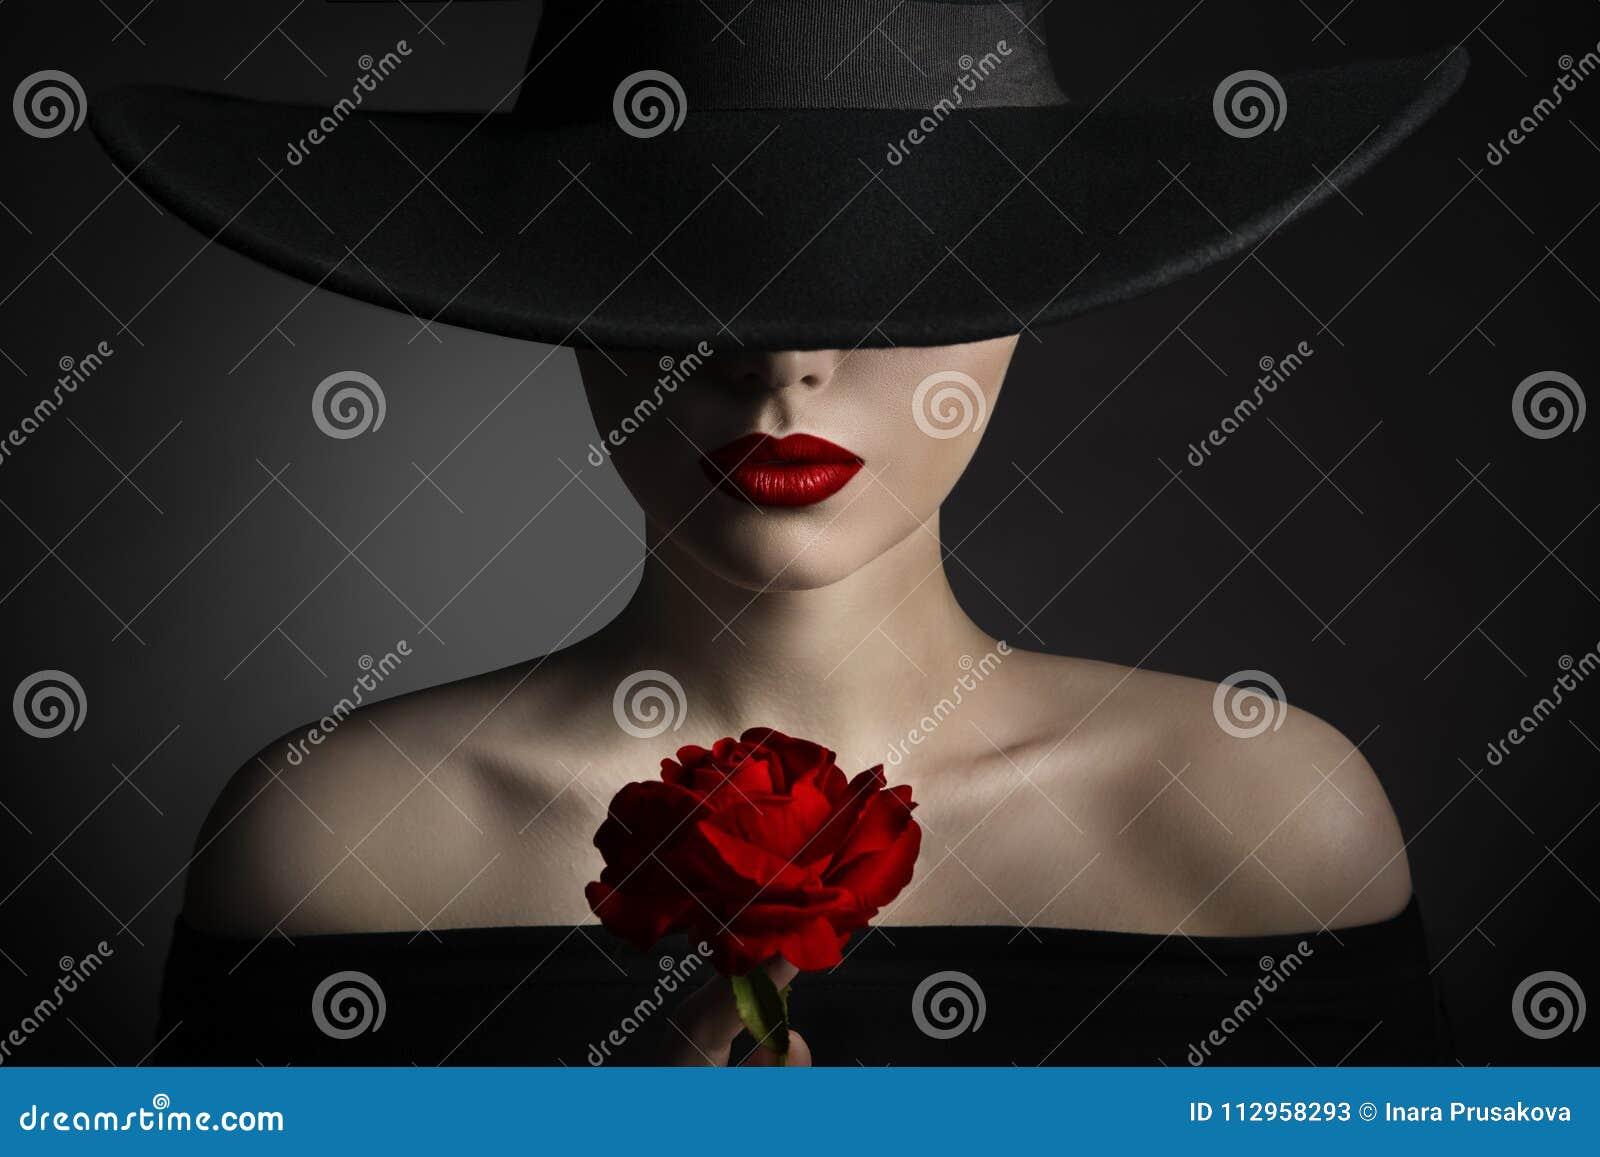 英国兰开斯特家族族徽花妇女嘴唇和黑帽会议,时装模特儿秀丽